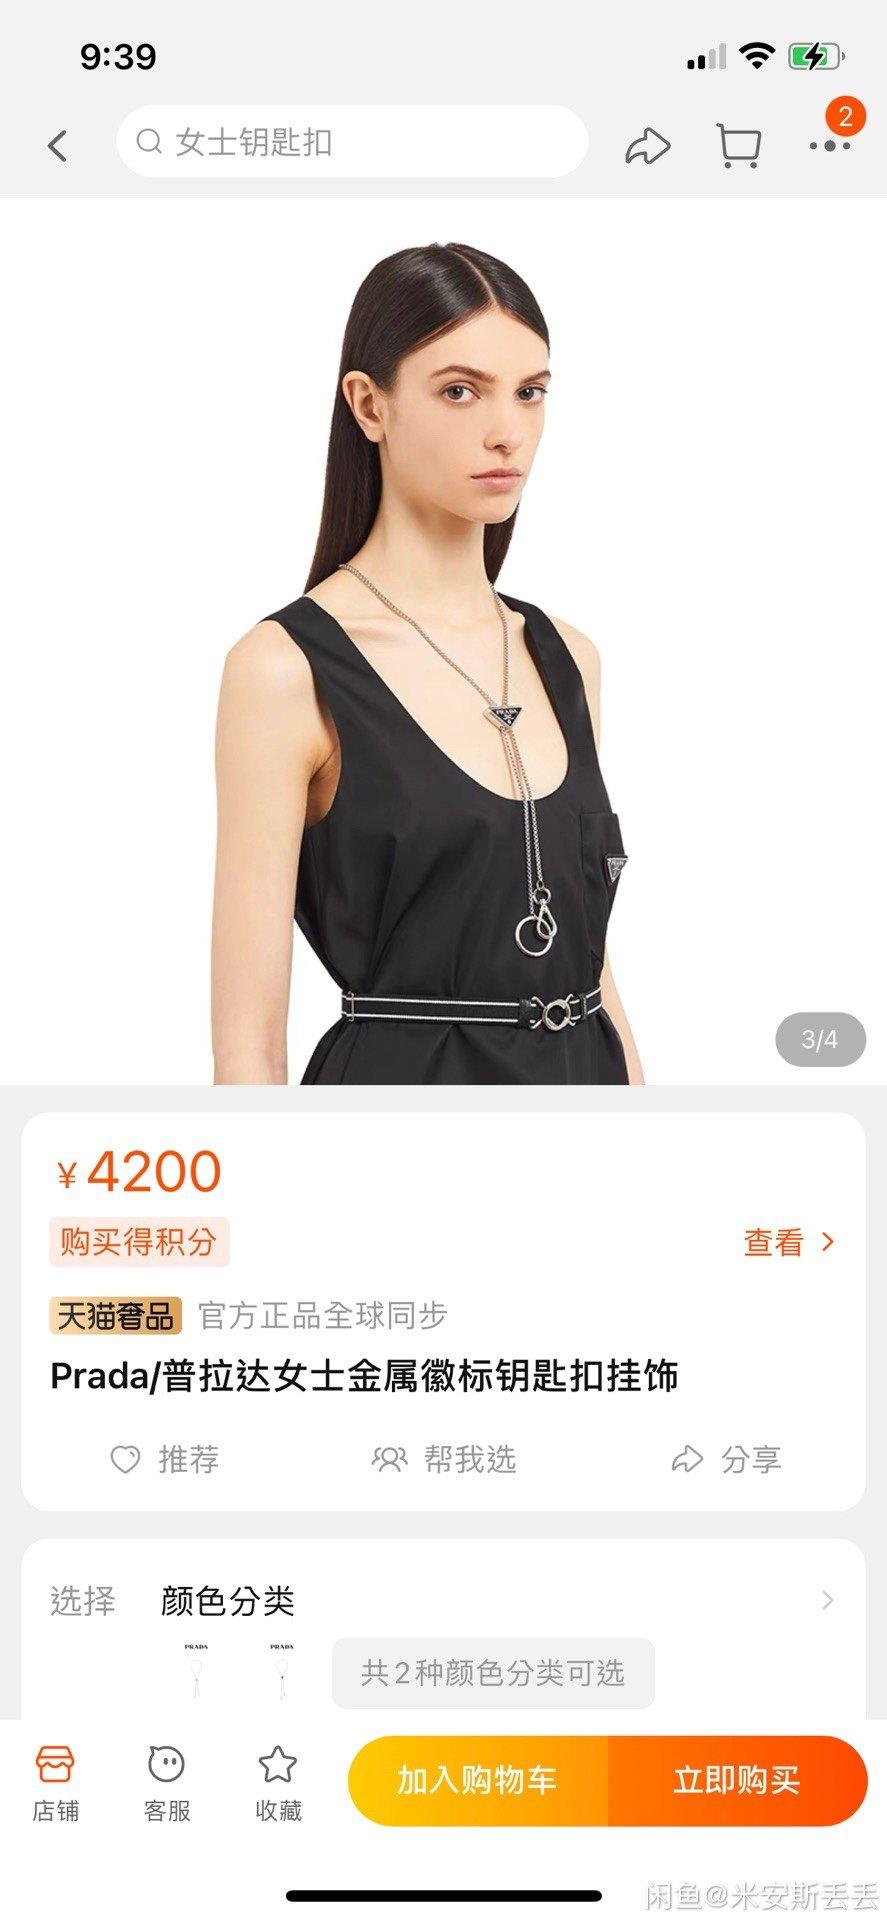 三角标项链出P家新款饰品时髦得犯规了